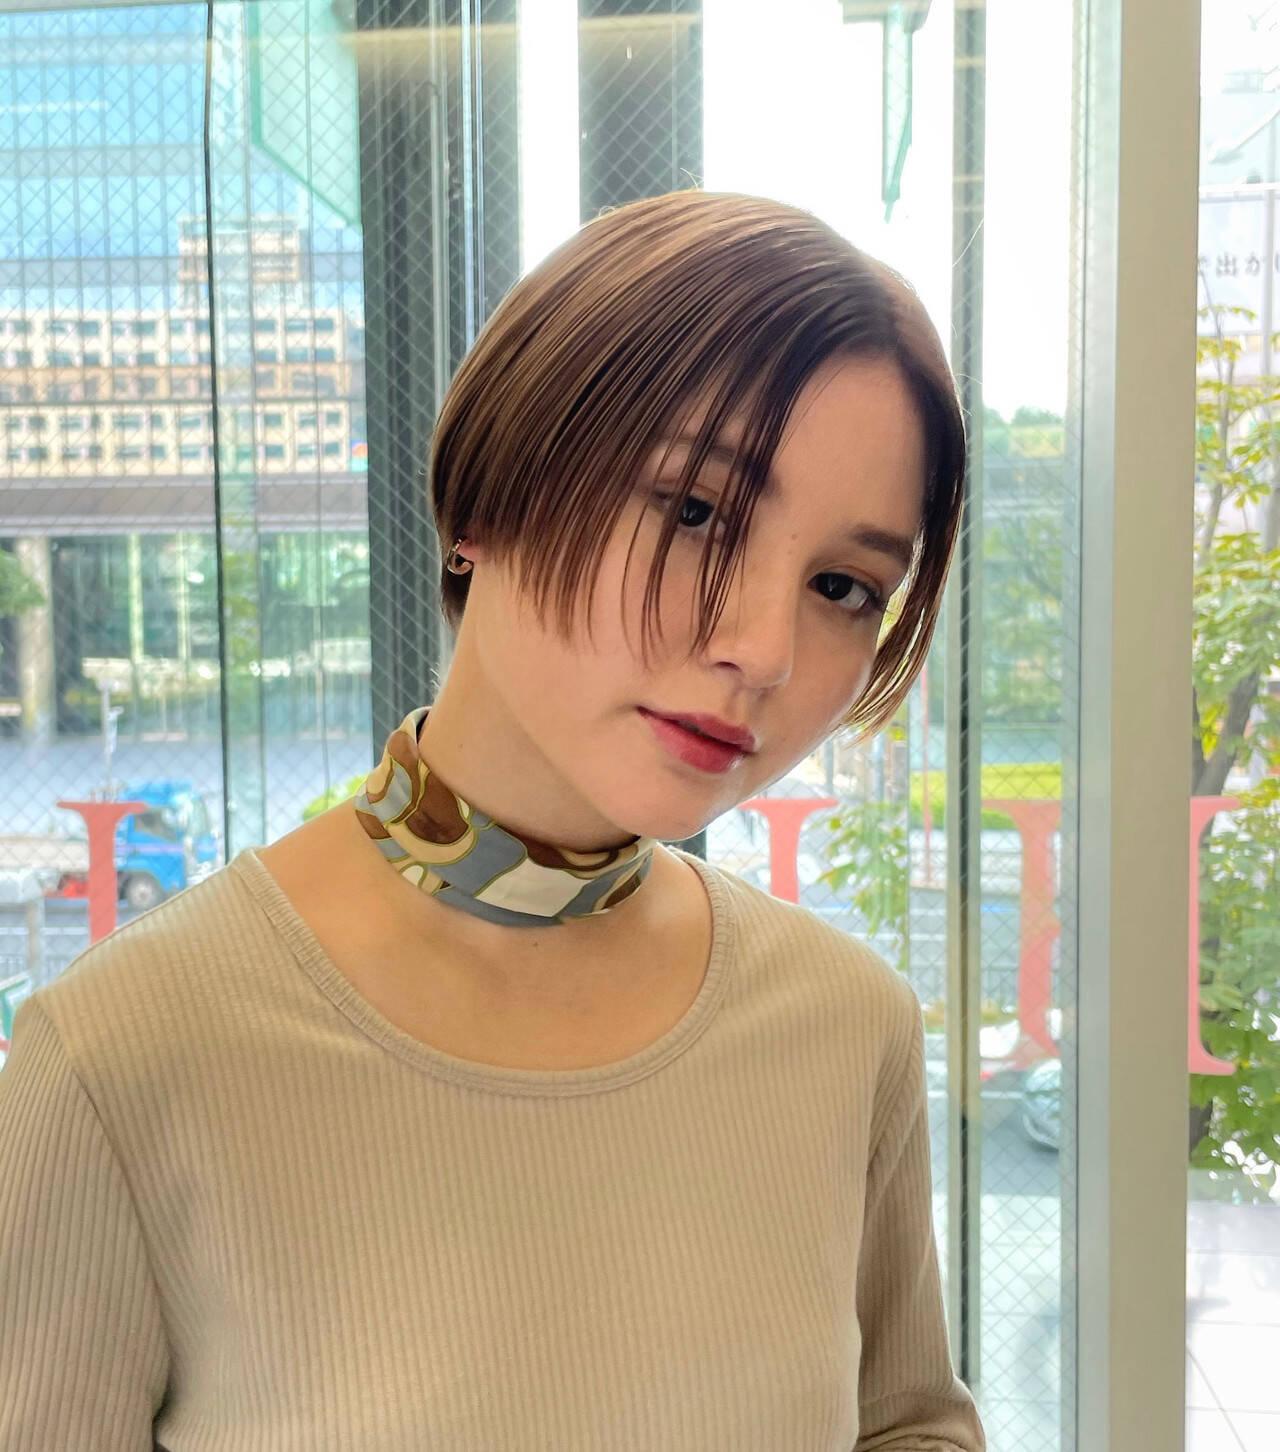 ハンサムショート ナチュラル ショートアレンジ ショートヘアスタイルや髪型の写真・画像